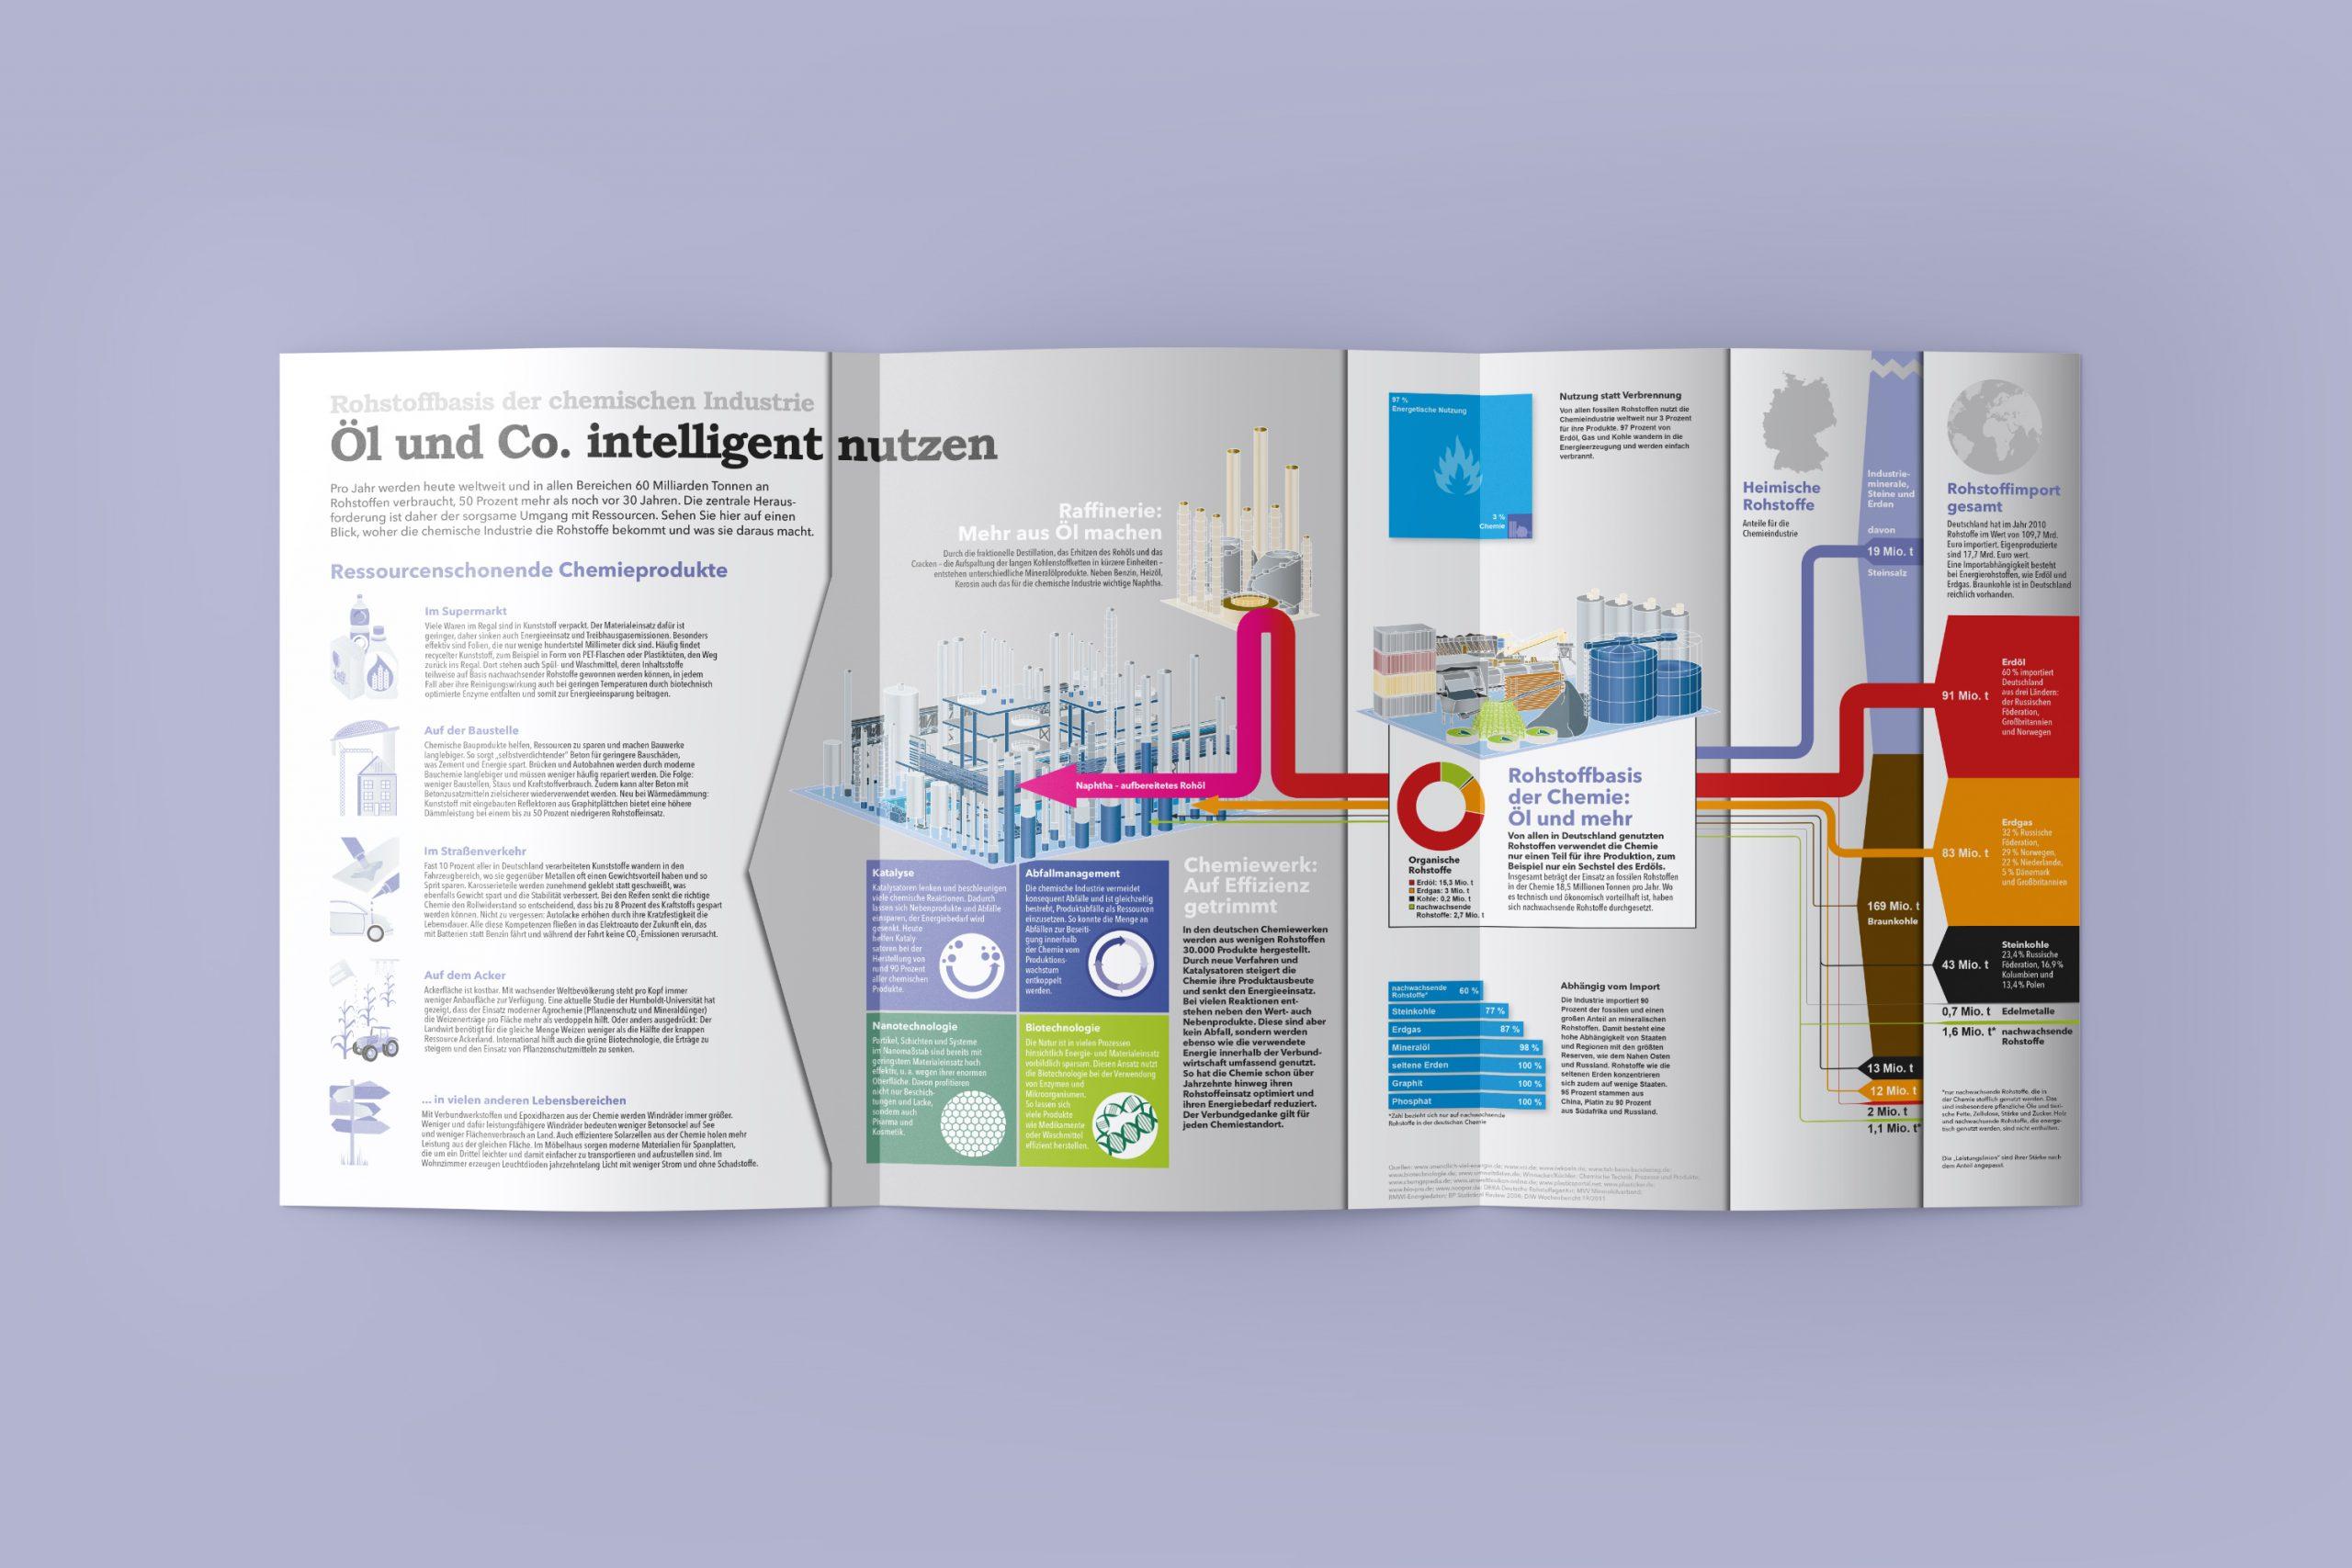 Verband der chemischen Industrie VCI